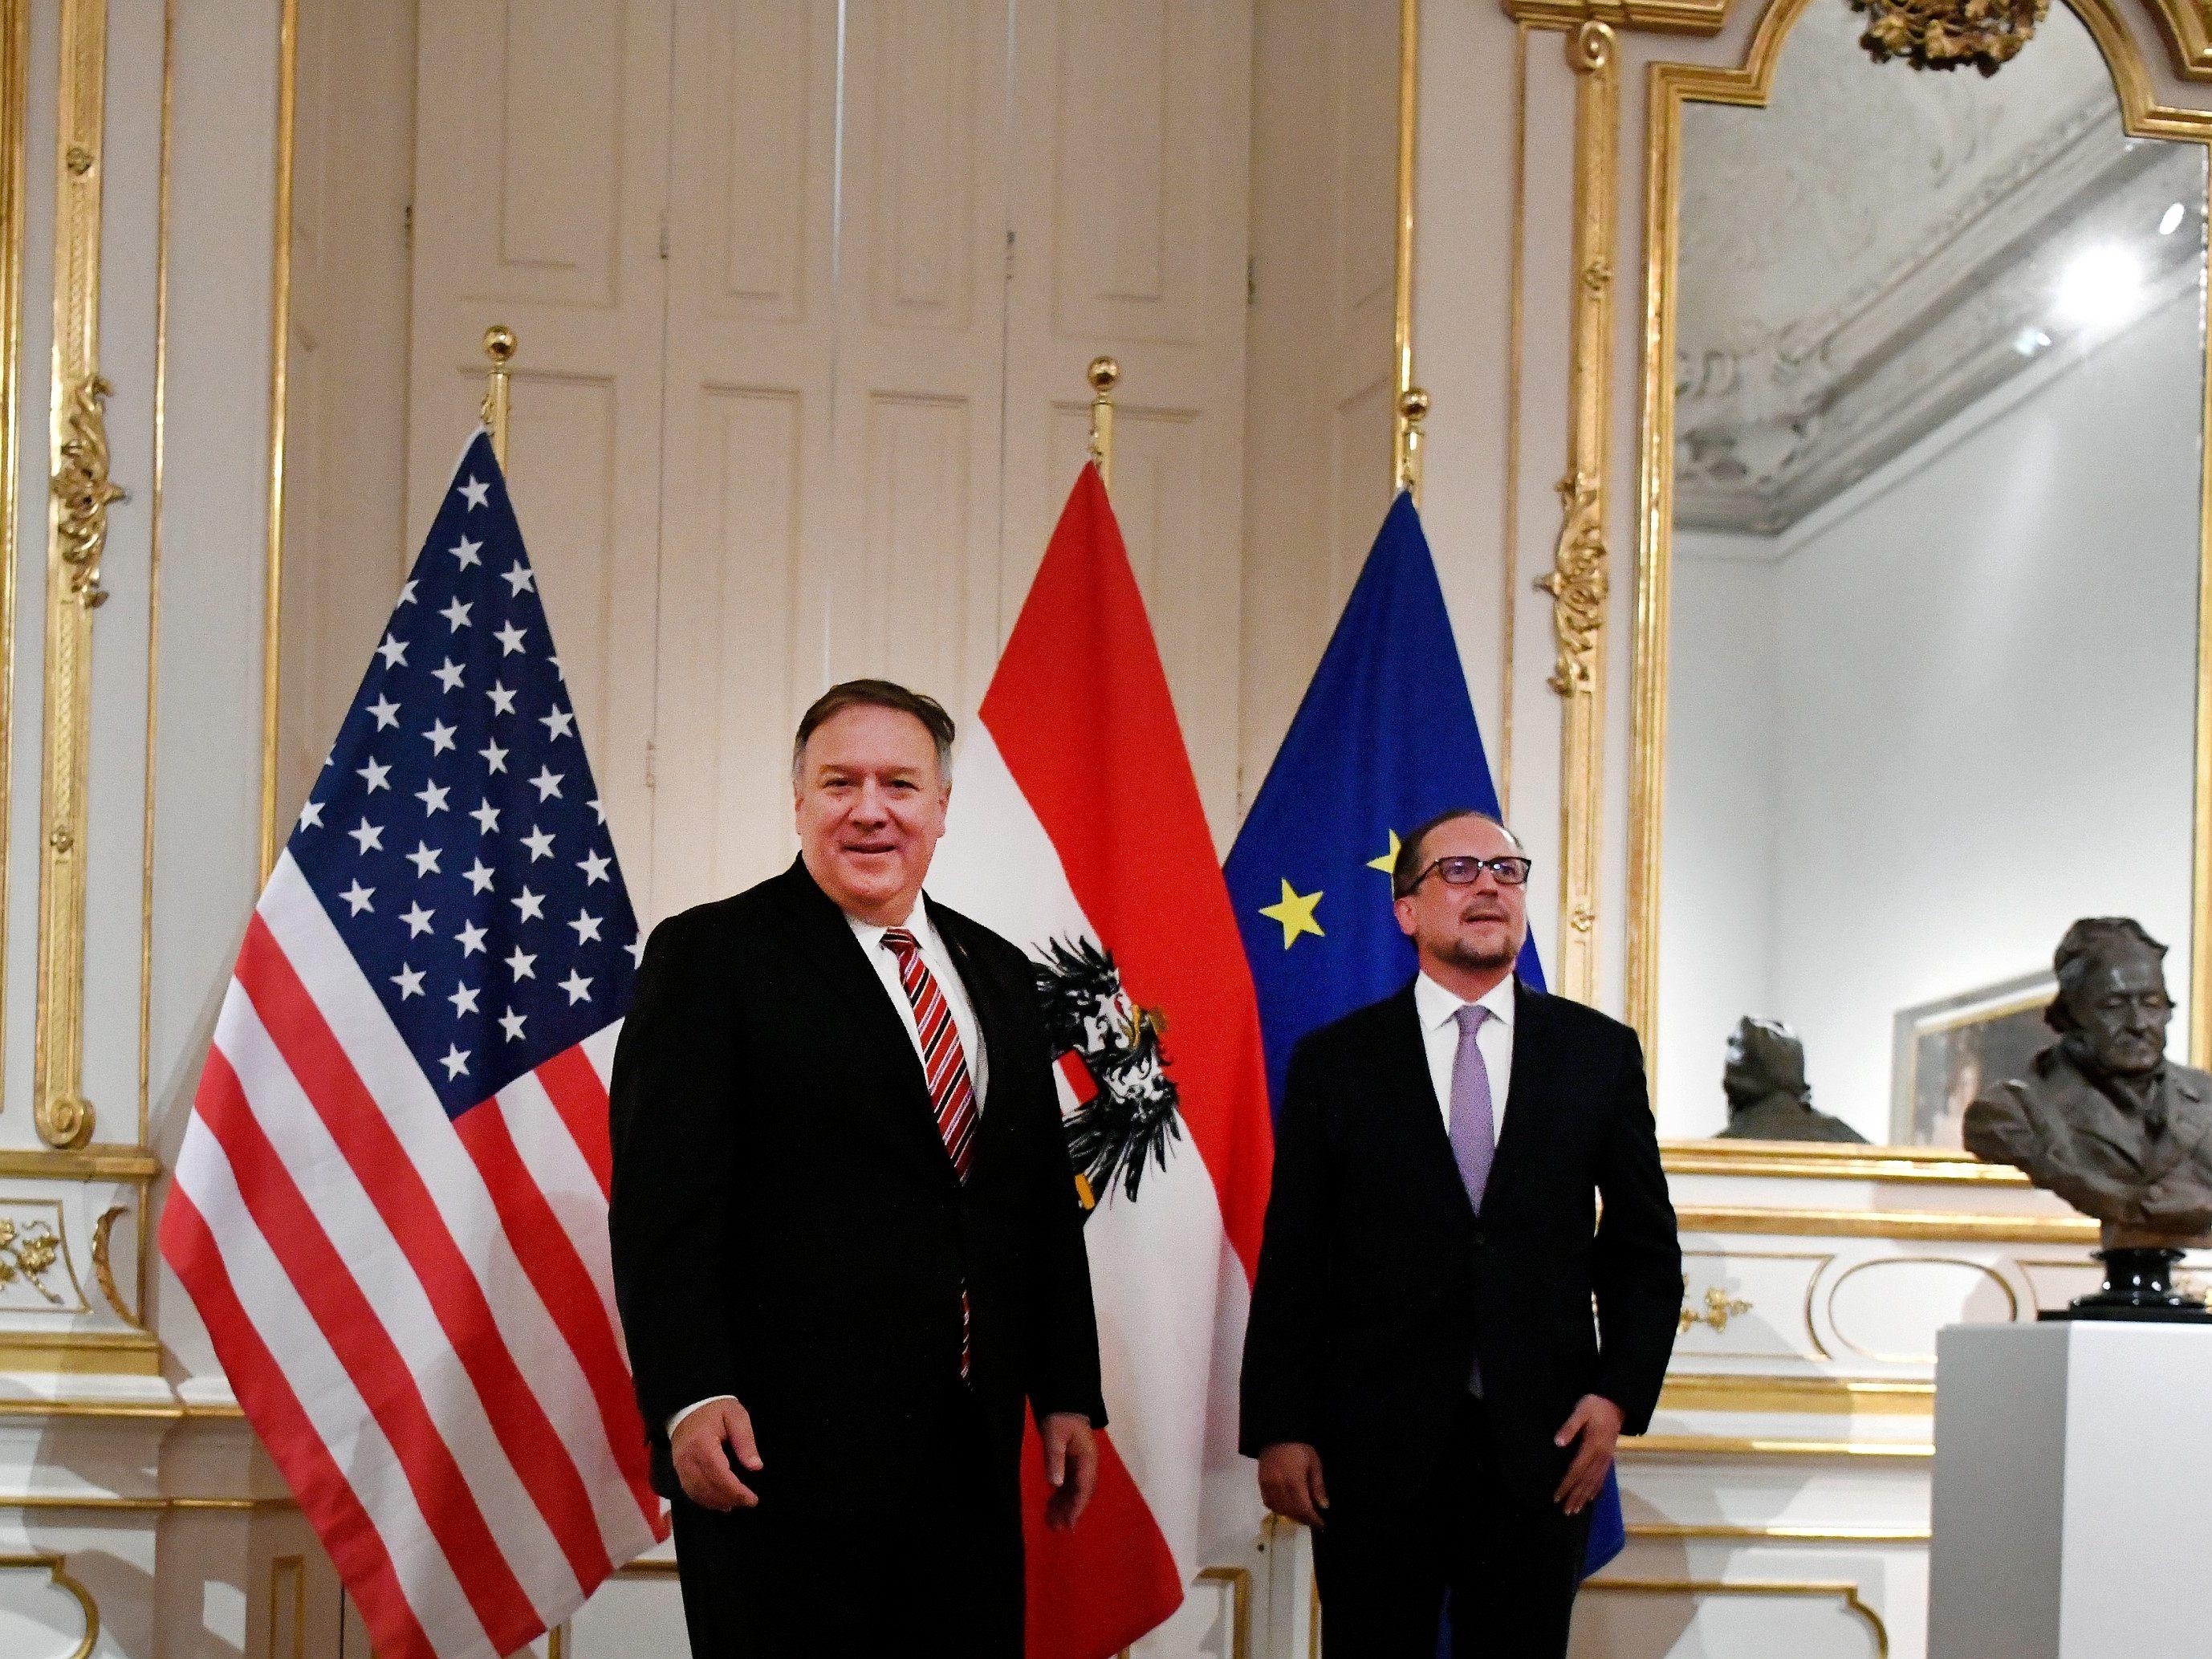 Pressekonferenz österreich Live